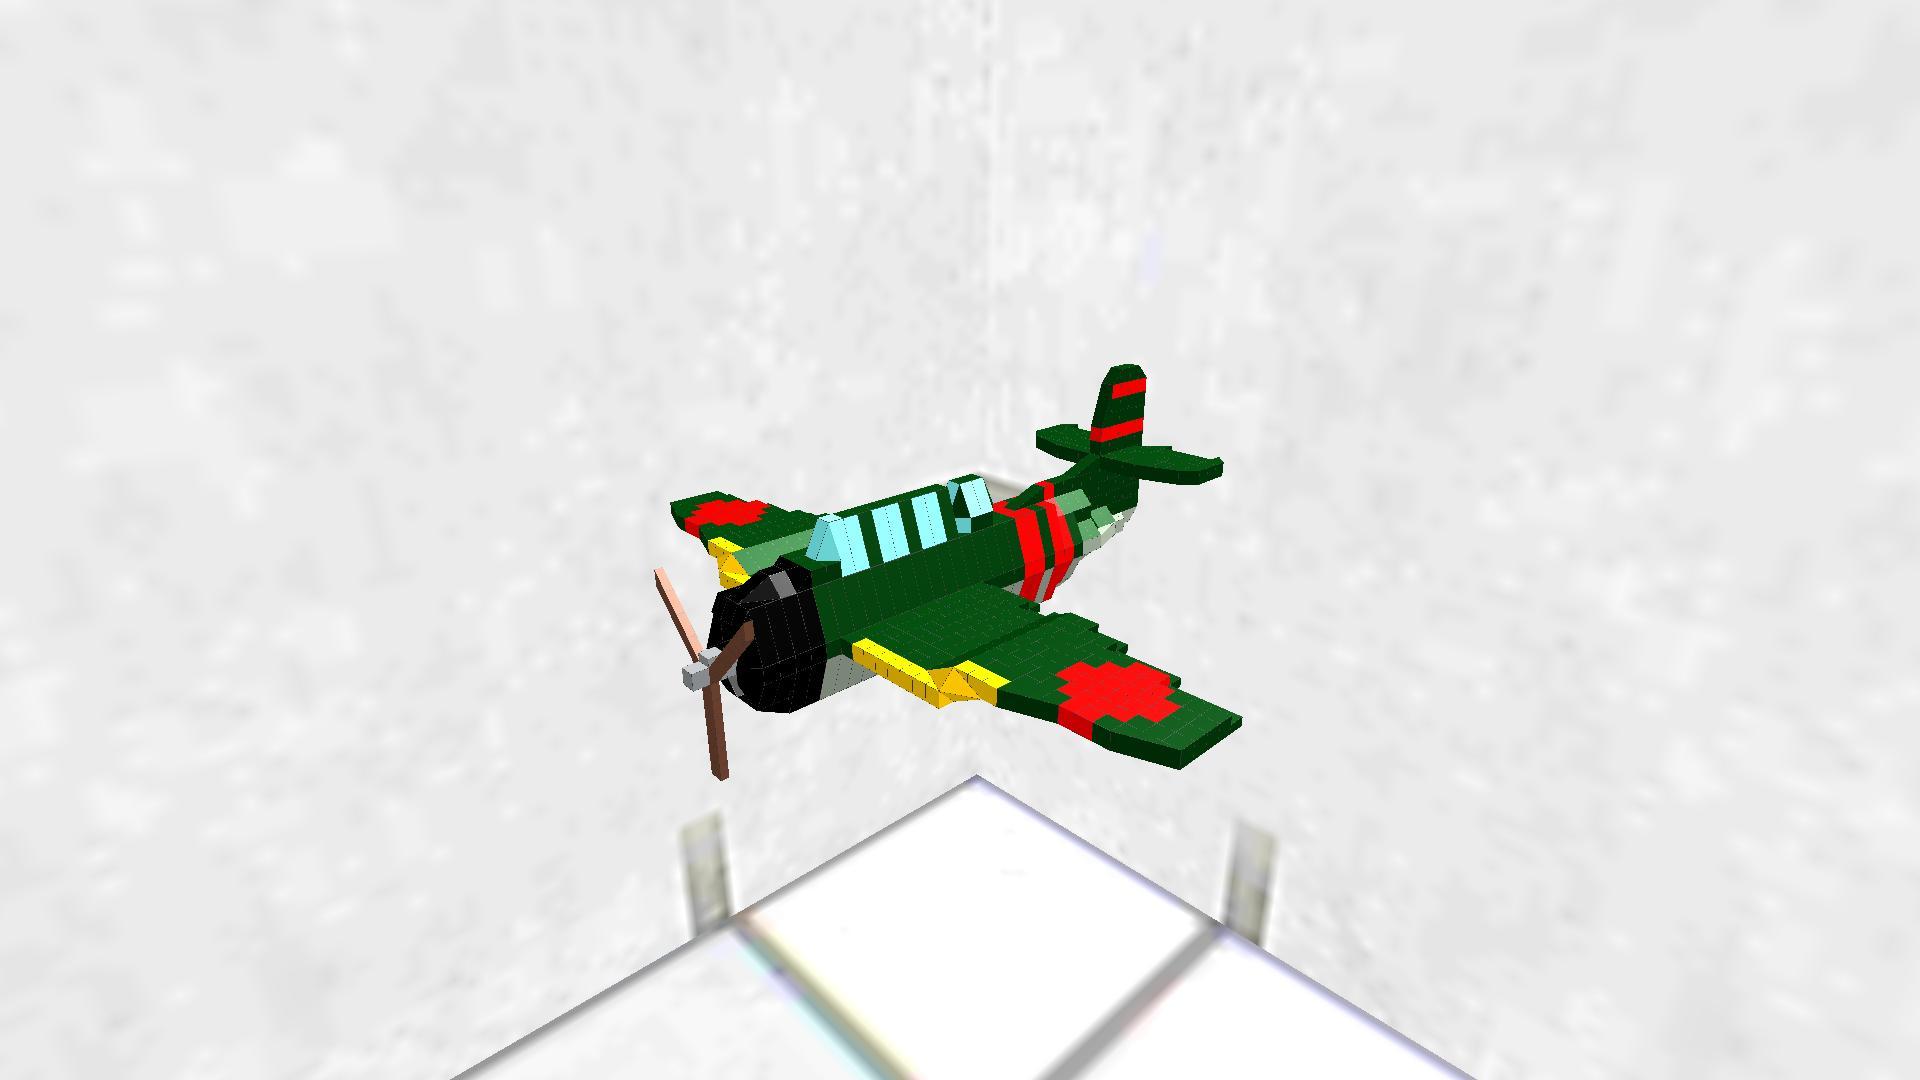 グラマン TBF/TBM Avenger 日本軍鹵獲仕様